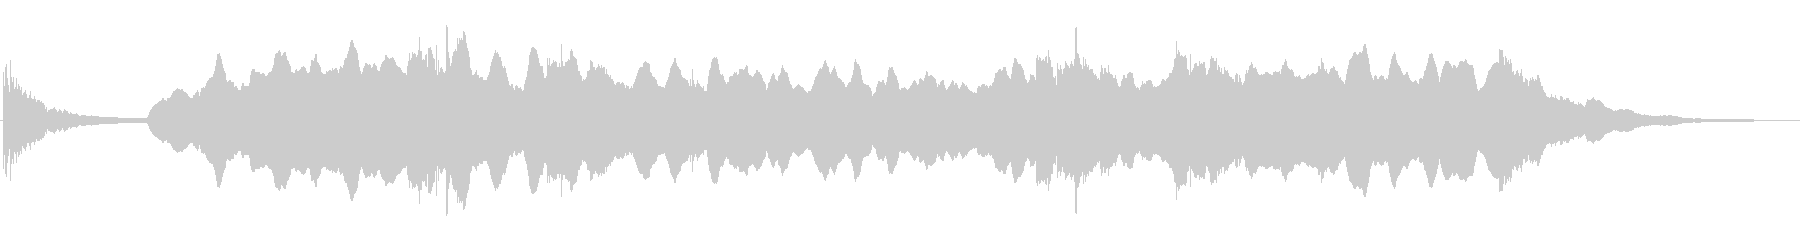 低音のパッド音の上でアンビエントなアコギの未再生の波形